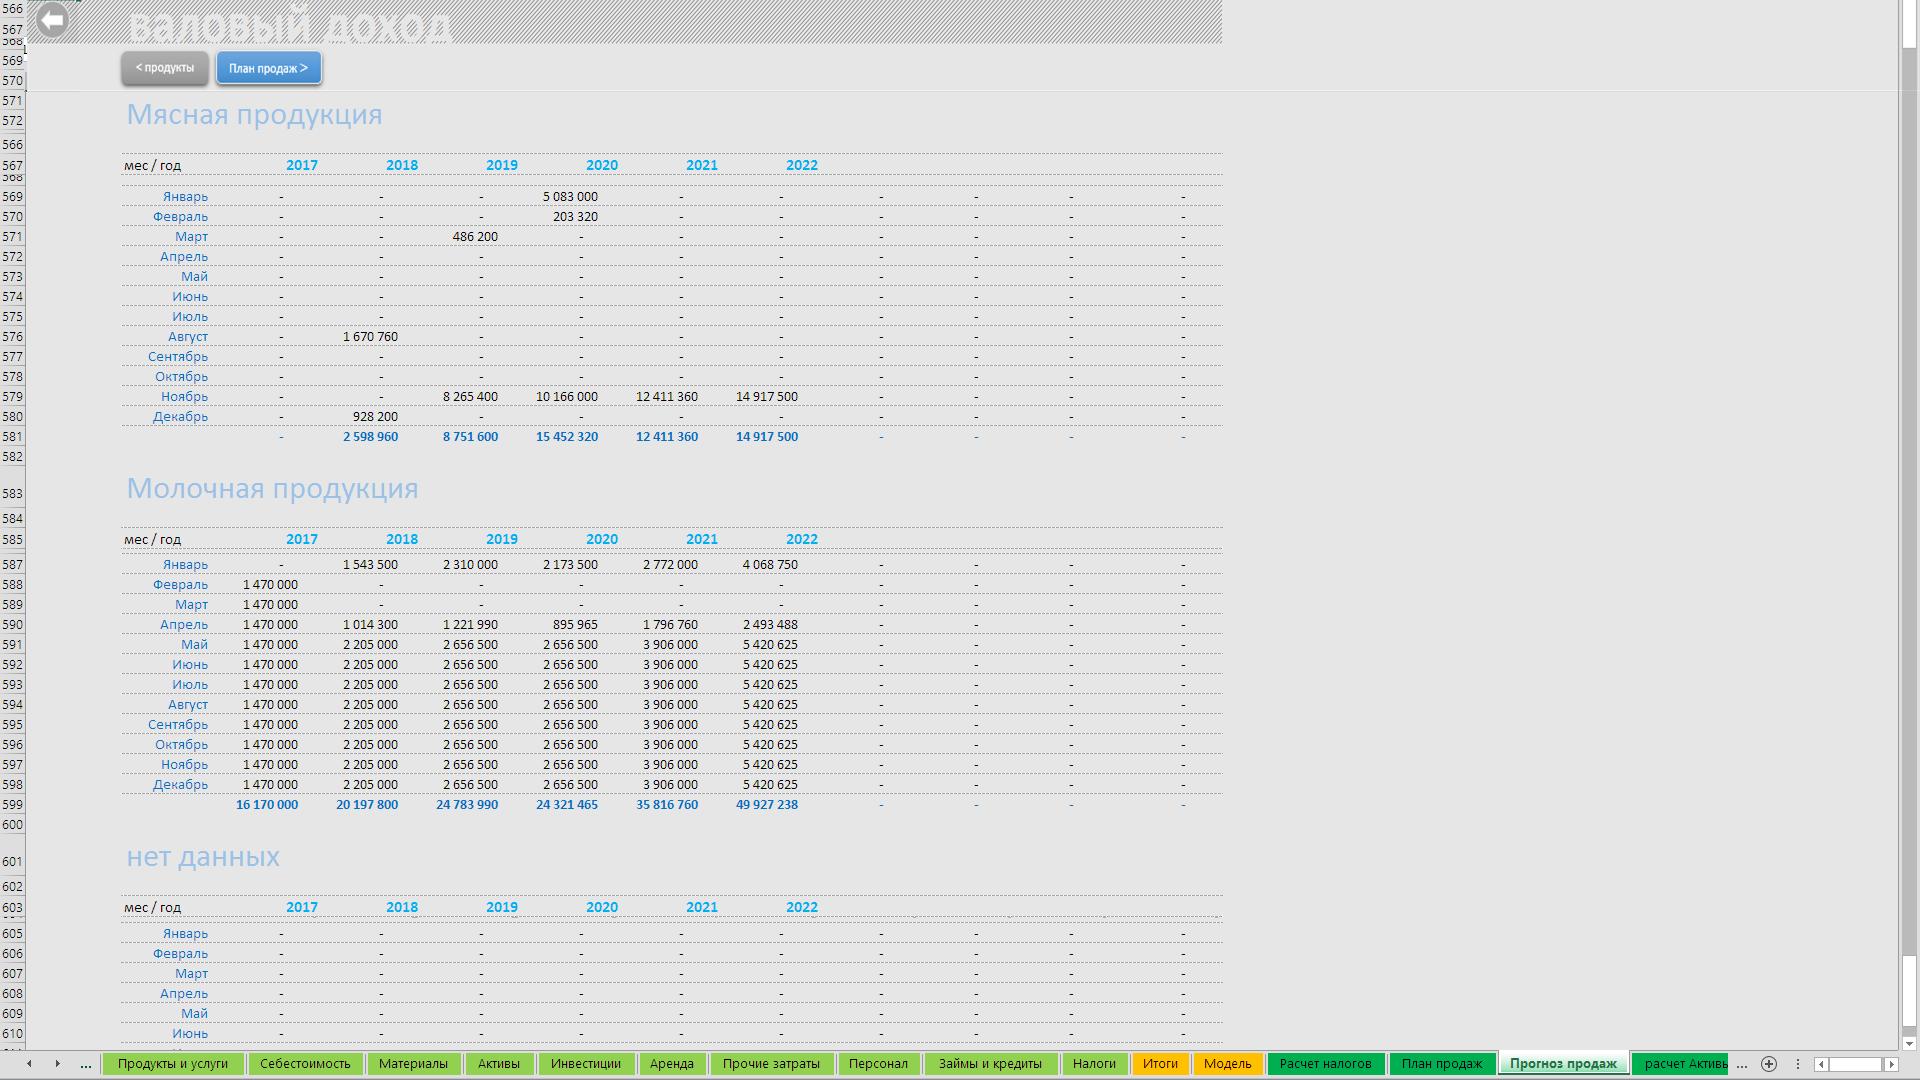 интеграция продаж с шаблоном фин. модели